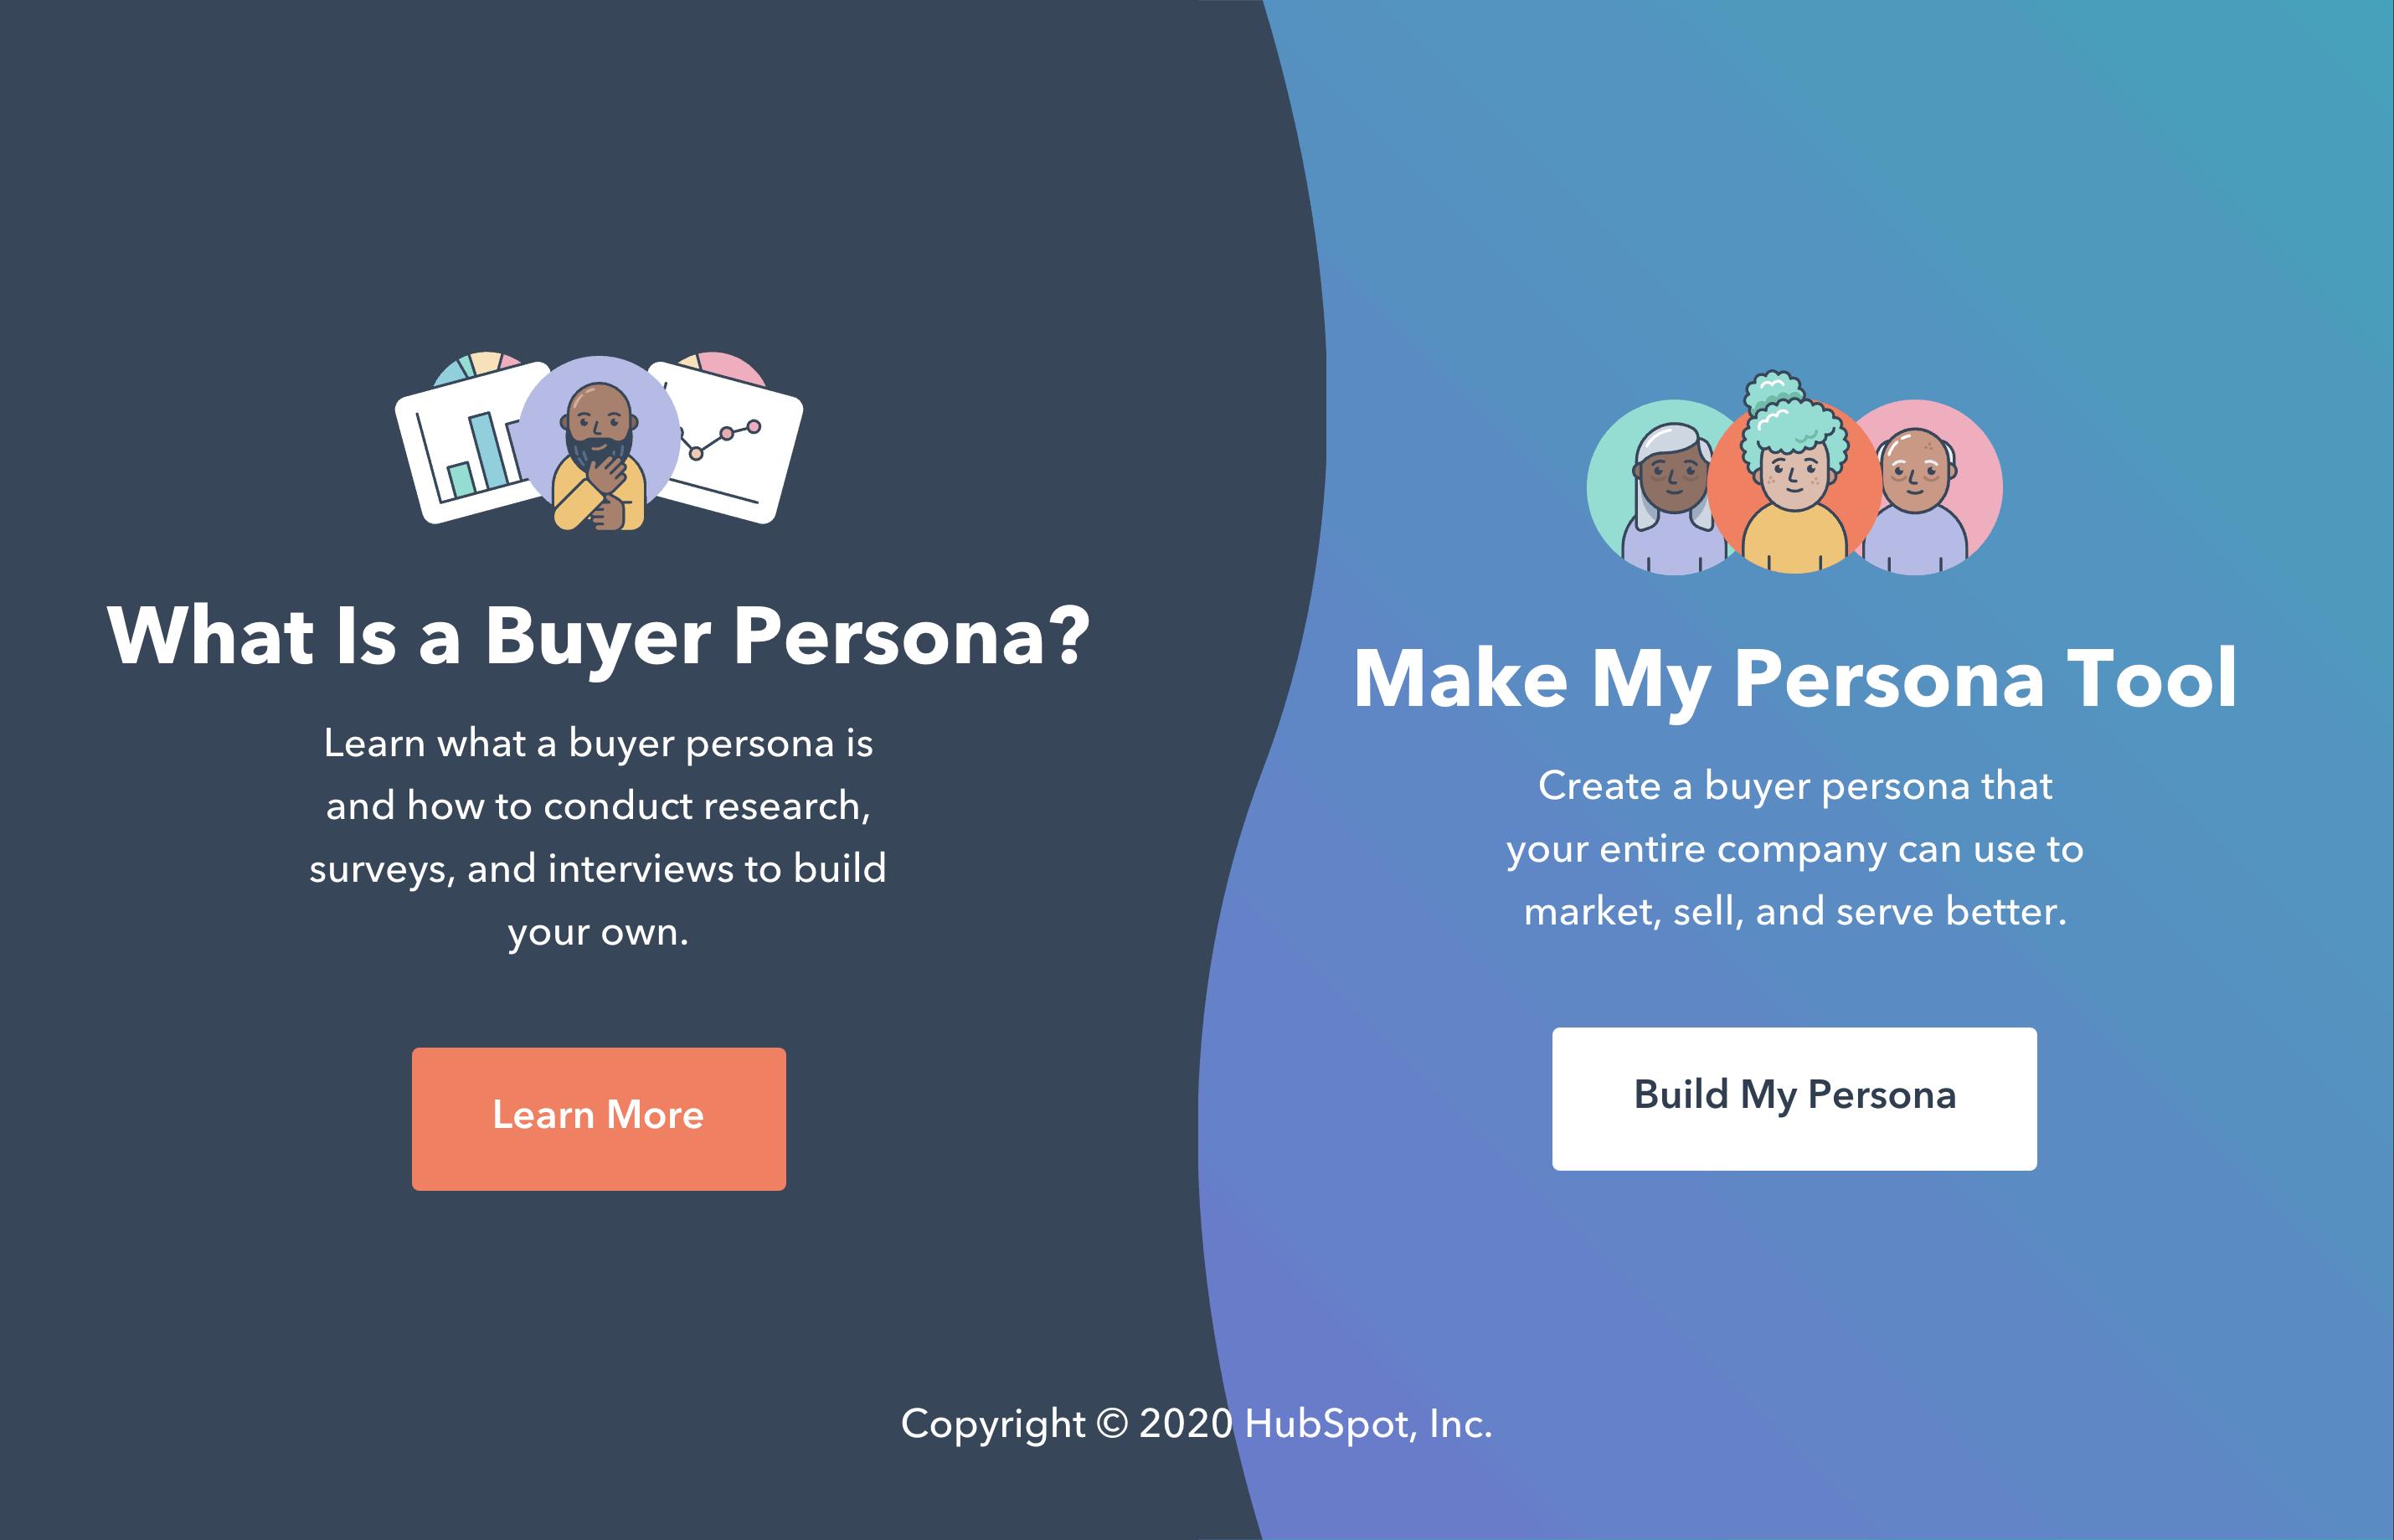 Hubspot – Make My Persona